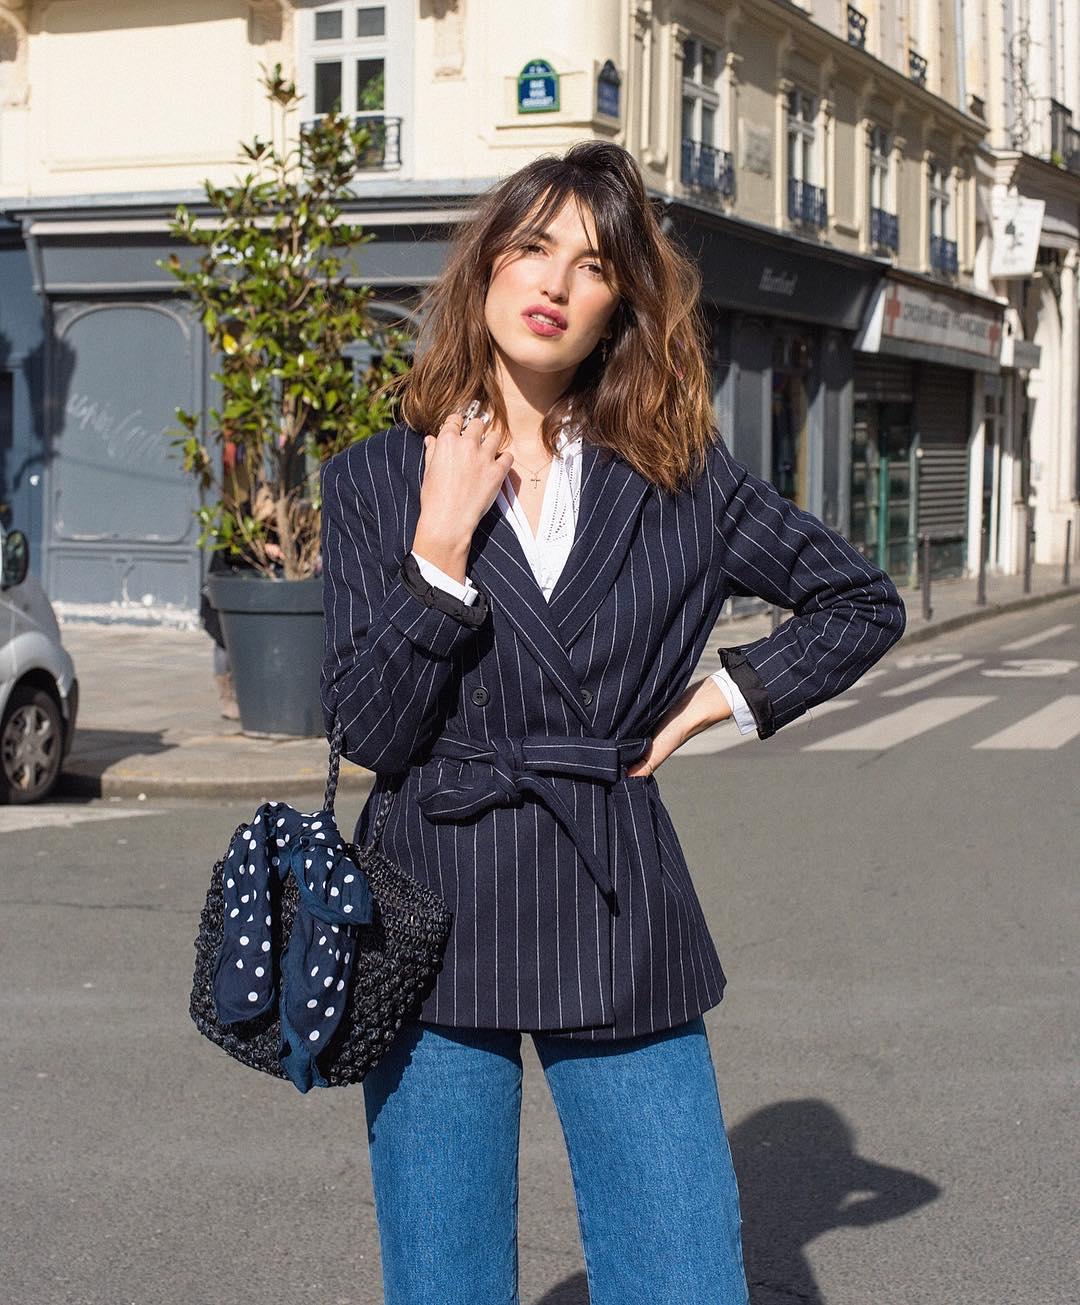 Hội IT Girl nước Pháp có đến 9 bí kíp diện đồ để không bao giờ mặc xấu, chỉ thanh lịch và sang chảnh trở lên - Ảnh 16